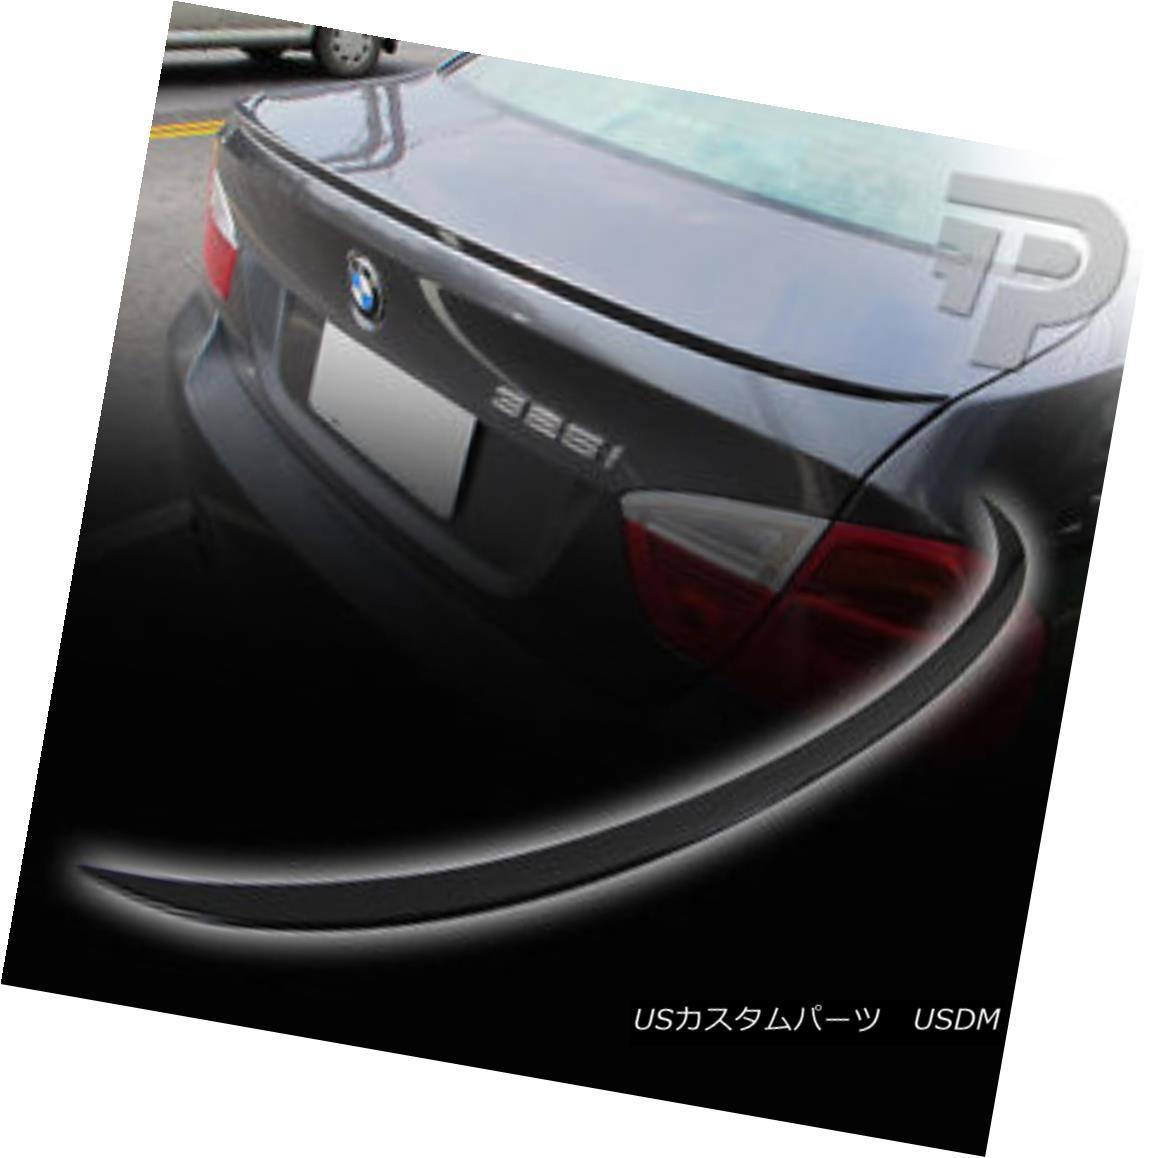 エアロパーツ PAINTED BMW 3-SERIES E90 Saloon M3-Look REAR Boot Wing TRUNK SPOILER 塗装BMW 3シリーズE90サルーンM3ルックブーツウイングルックスポイラー